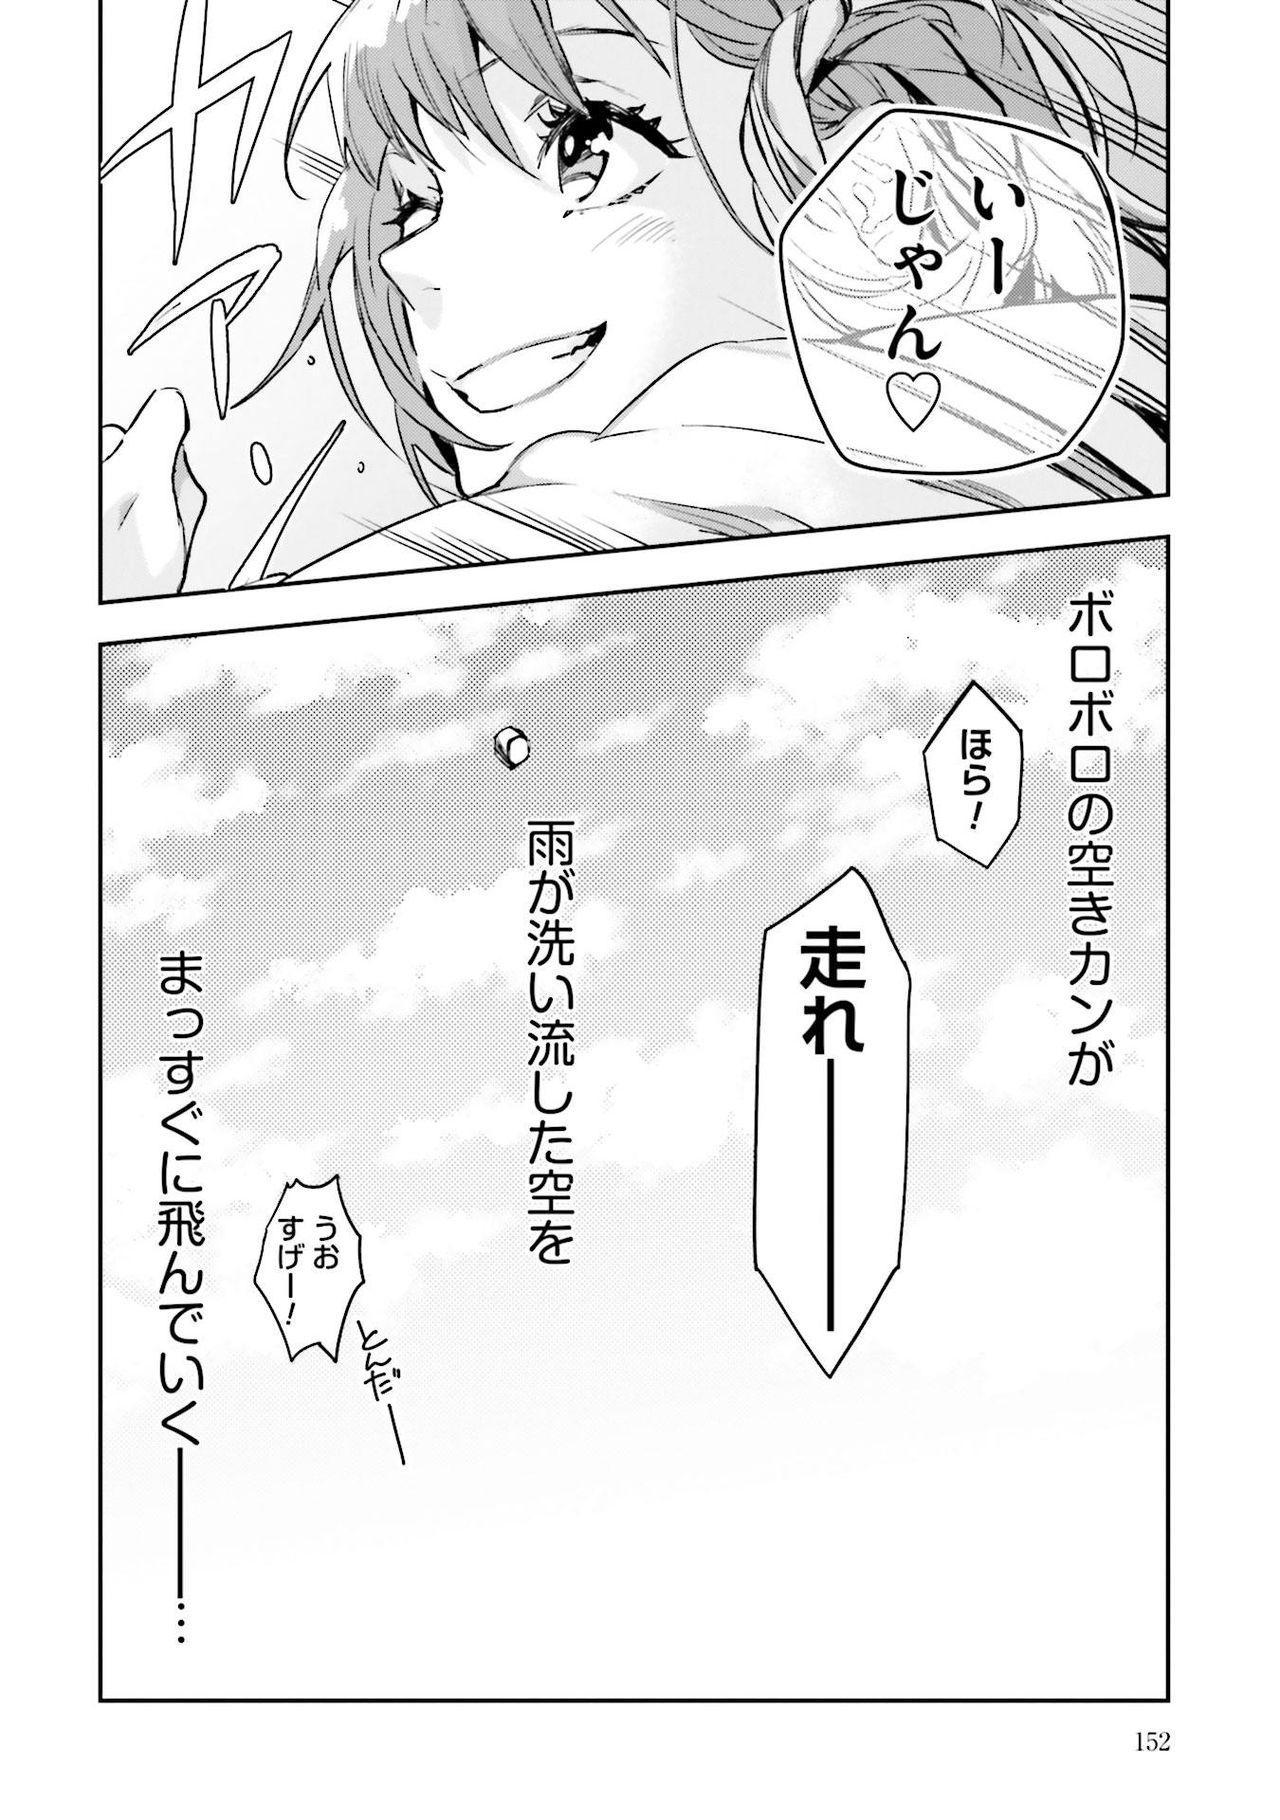 JK Haru wa Isekai de Shoufu ni Natta 1-14 340